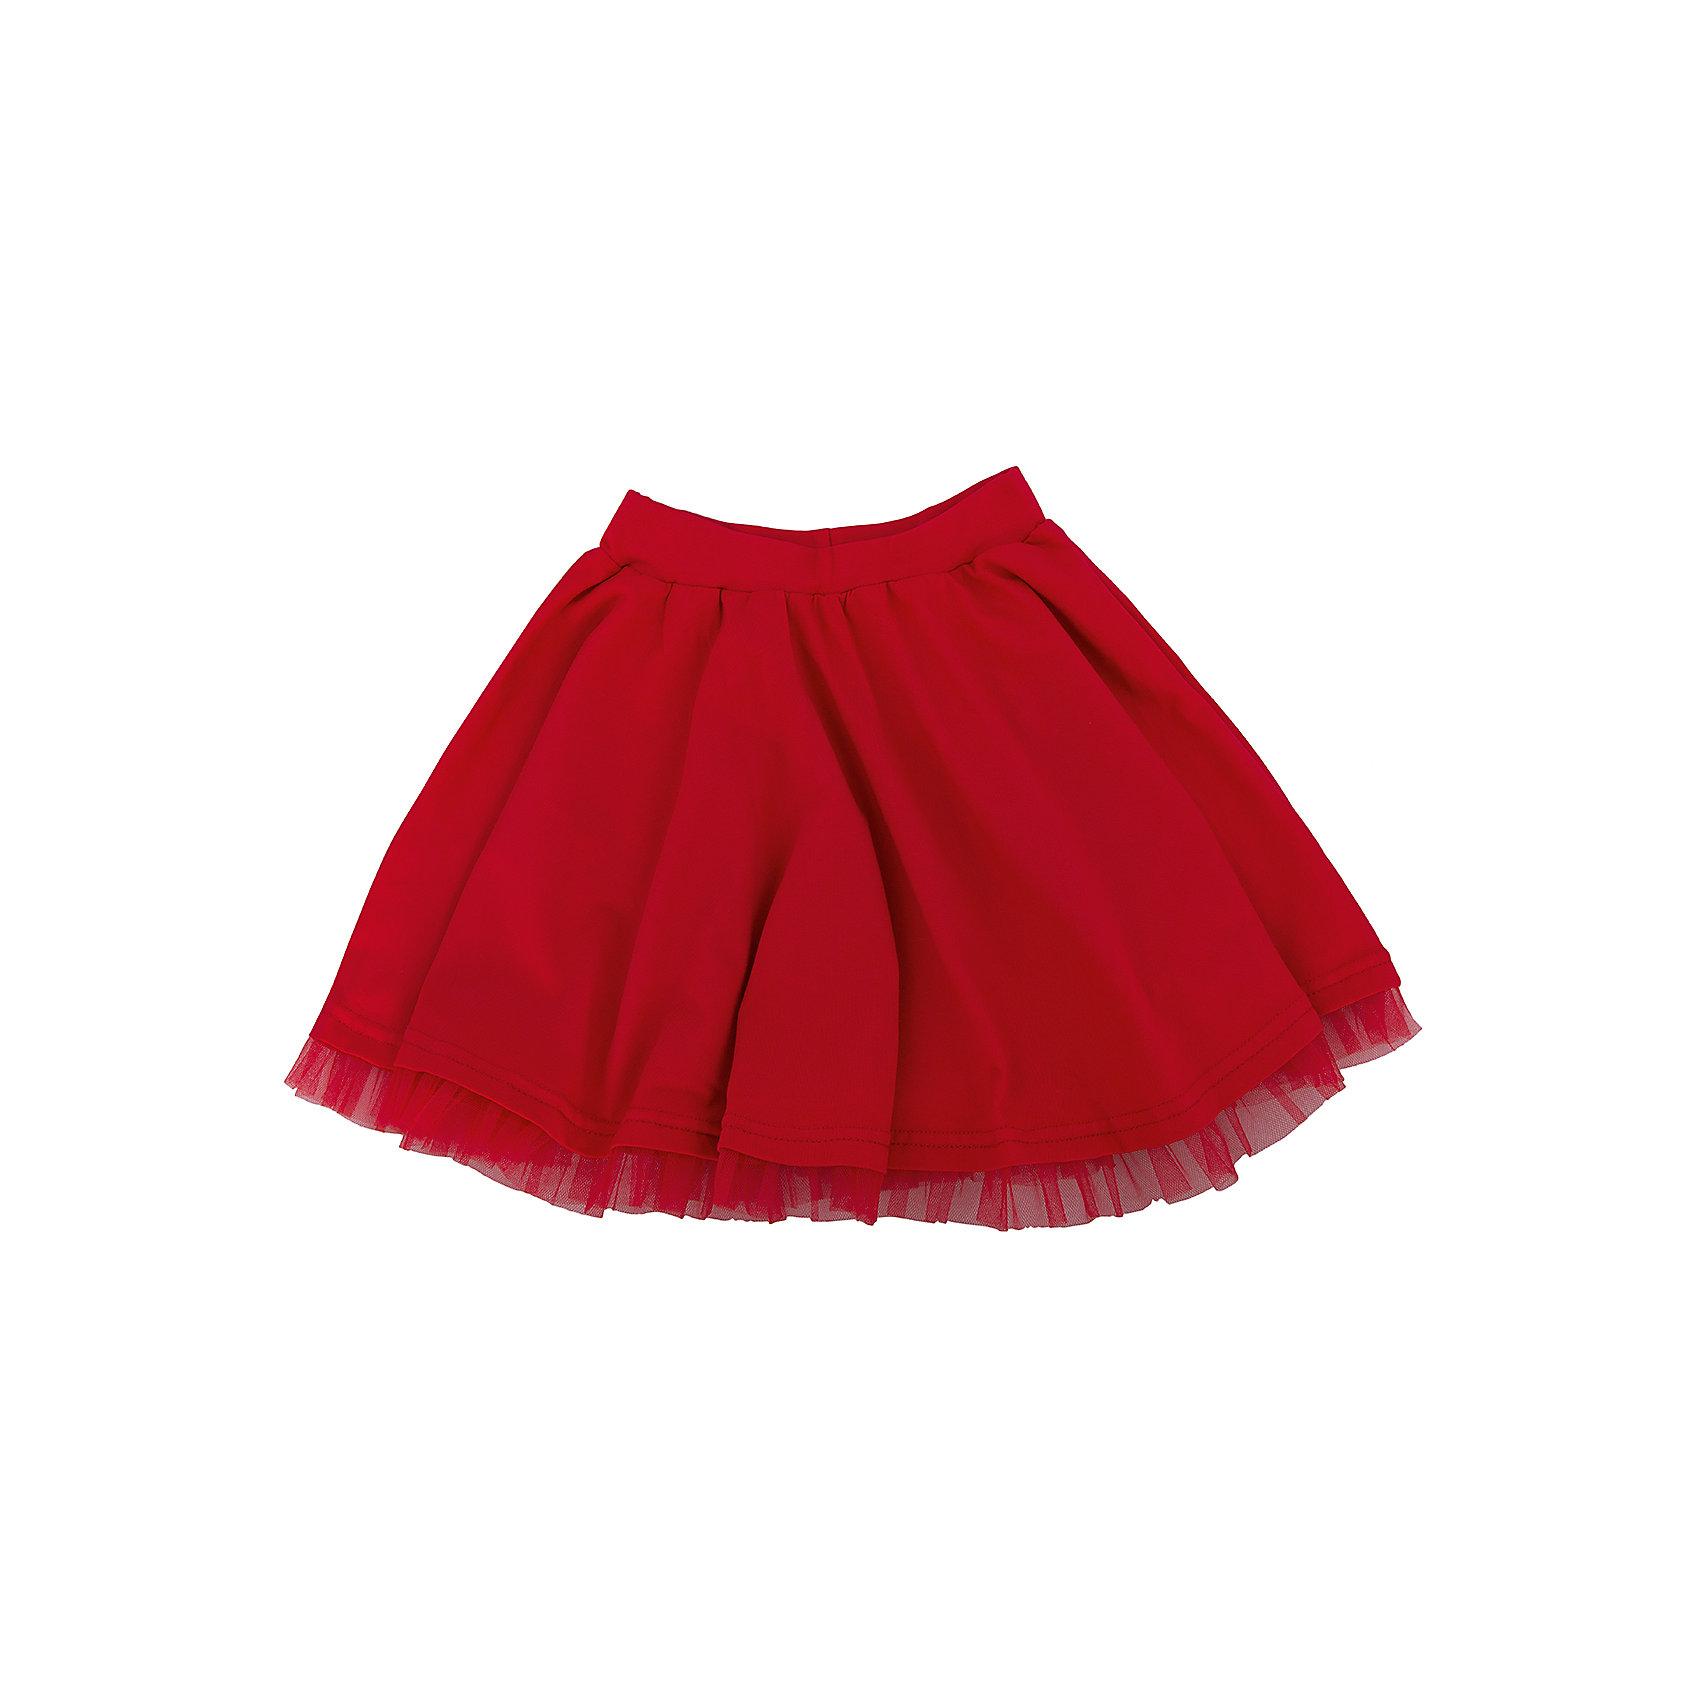 Юбка АпрельПрекрасная летняя юбочка для девочки. Юбка для девочки  из коллекции Маки от торговой марки Апрель , состоит из экологически чистых материалов. Приятная на ощупь ткань исключит риск возникновения аллергии или раздражения при соприкосновении с нежной детской кожей. Простота в уходе делает изделие отличным вариантом для повседневного гардероба ребёнка. Дети очень активны и подвижны, а благодаря современным лекалам, используемым при производстве модели, Ваше чадо будет свободно двигаться и принимать активное участие в играх. Новейшее оборудование на производстве обеспечивает надёжность шва и длительный срок службы одежды.<br><br>Дополнительная информация: <br><br>- цвет: красный<br>- состав: хлопок 95%,лайкра 5%<br>- фактура материала: трикотажный<br>- тип карманов: без карманов<br>- по назначению: повседневный стиль<br>- сезон: лето<br>- пол: девочки<br>- фирма-производитель: Апрель<br>- страна производитель: Россия<br>- комплектация: юбка<br><br>Юбку для девочки  из коллекции Маки от торговой марки Апрель можно купить в нашем интернет-магазине.<br><br>Ширина мм: 207<br>Глубина мм: 10<br>Высота мм: 189<br>Вес г: 183<br>Цвет: красный<br>Возраст от месяцев: 60<br>Возраст до месяцев: 72<br>Пол: Женский<br>Возраст: Детский<br>Размер: 122,110,140,128,116,146,134<br>SKU: 4630804